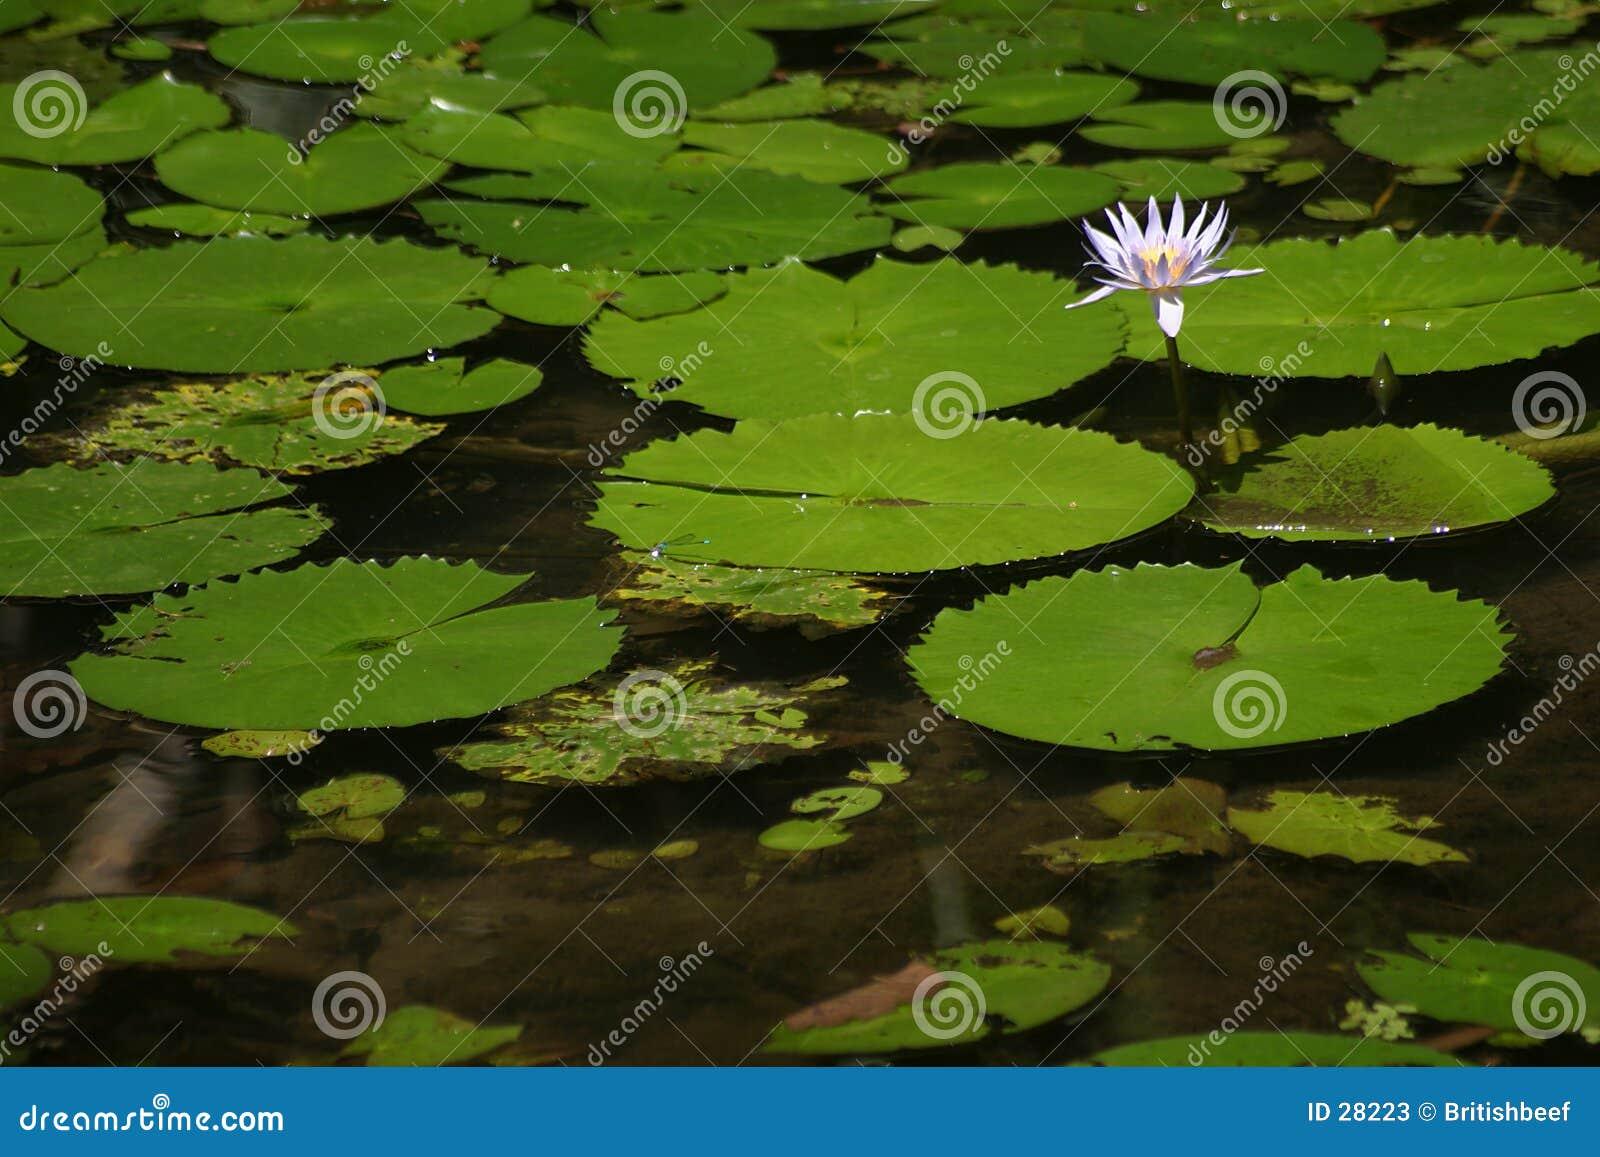 Download Solitario imagen de archivo. Imagen de vegetación, flor - 28223